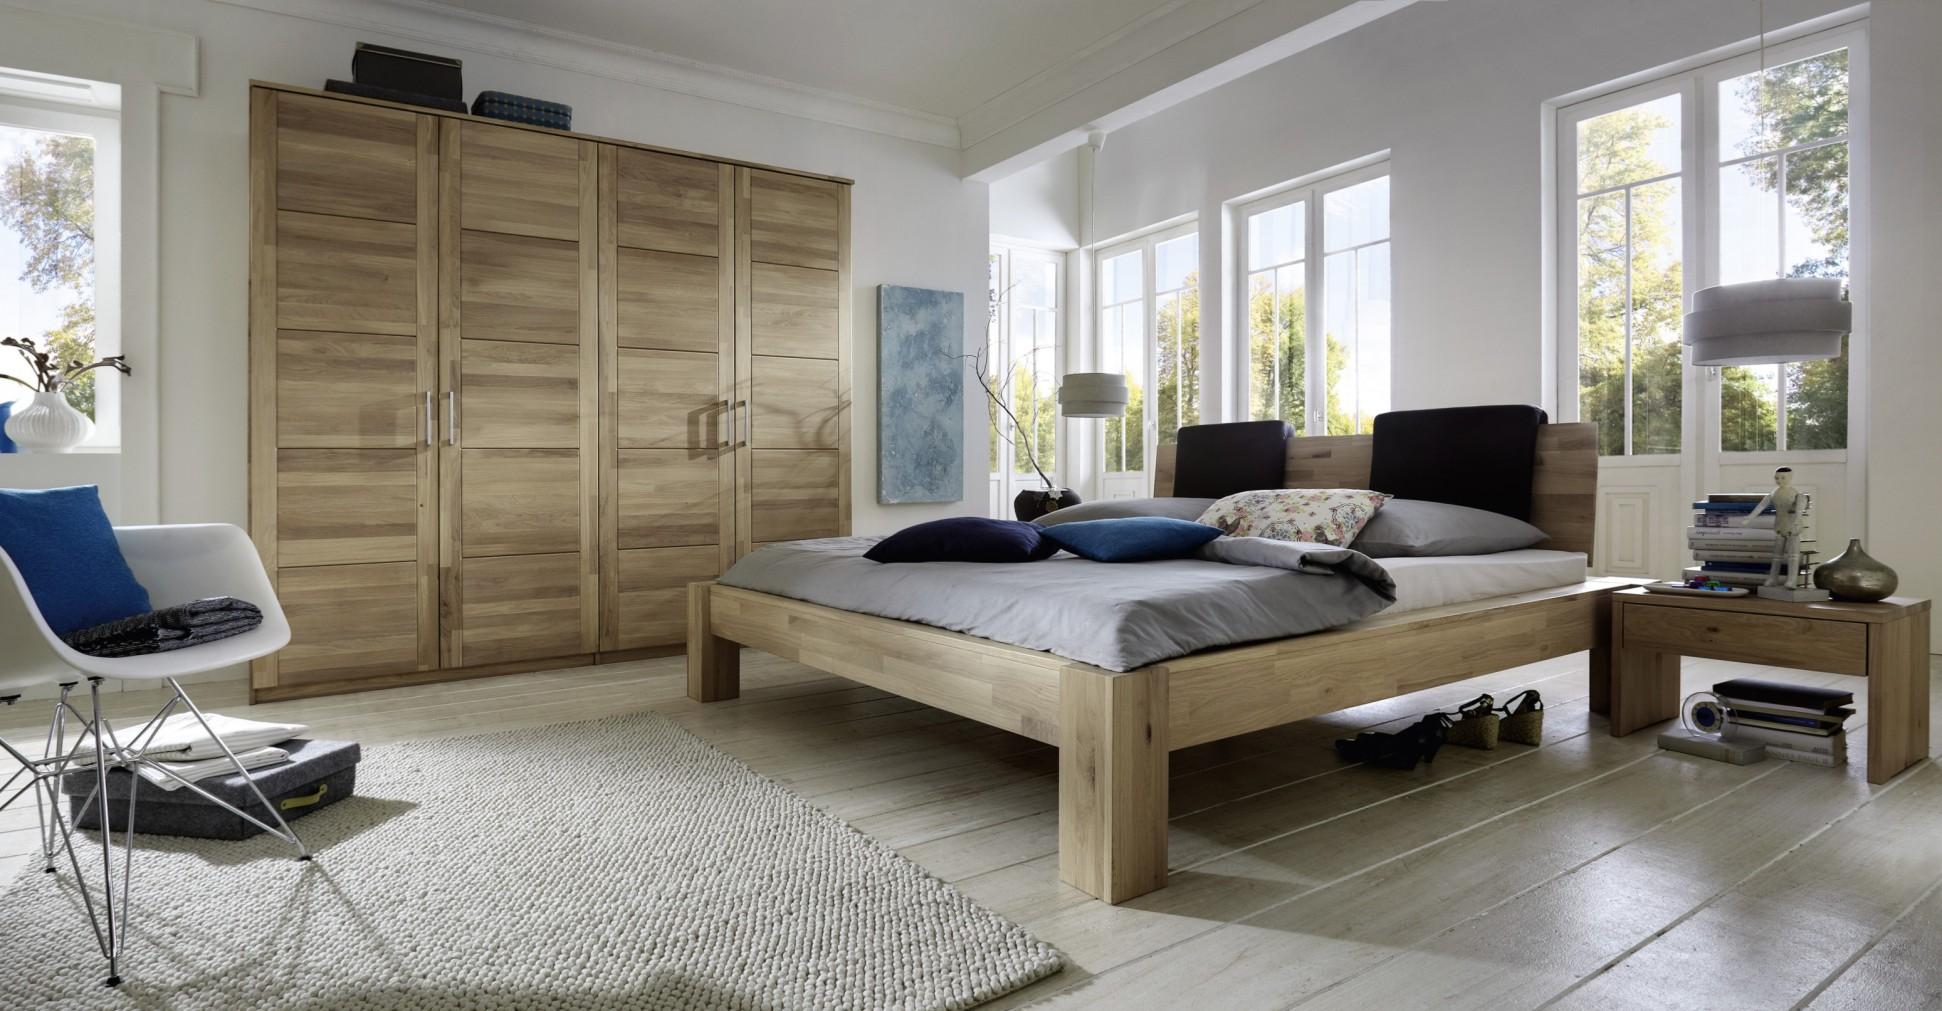 Naturbelassene massivholzbetten massivholzschlafzimmer in - Schlafzimmer stefan ...